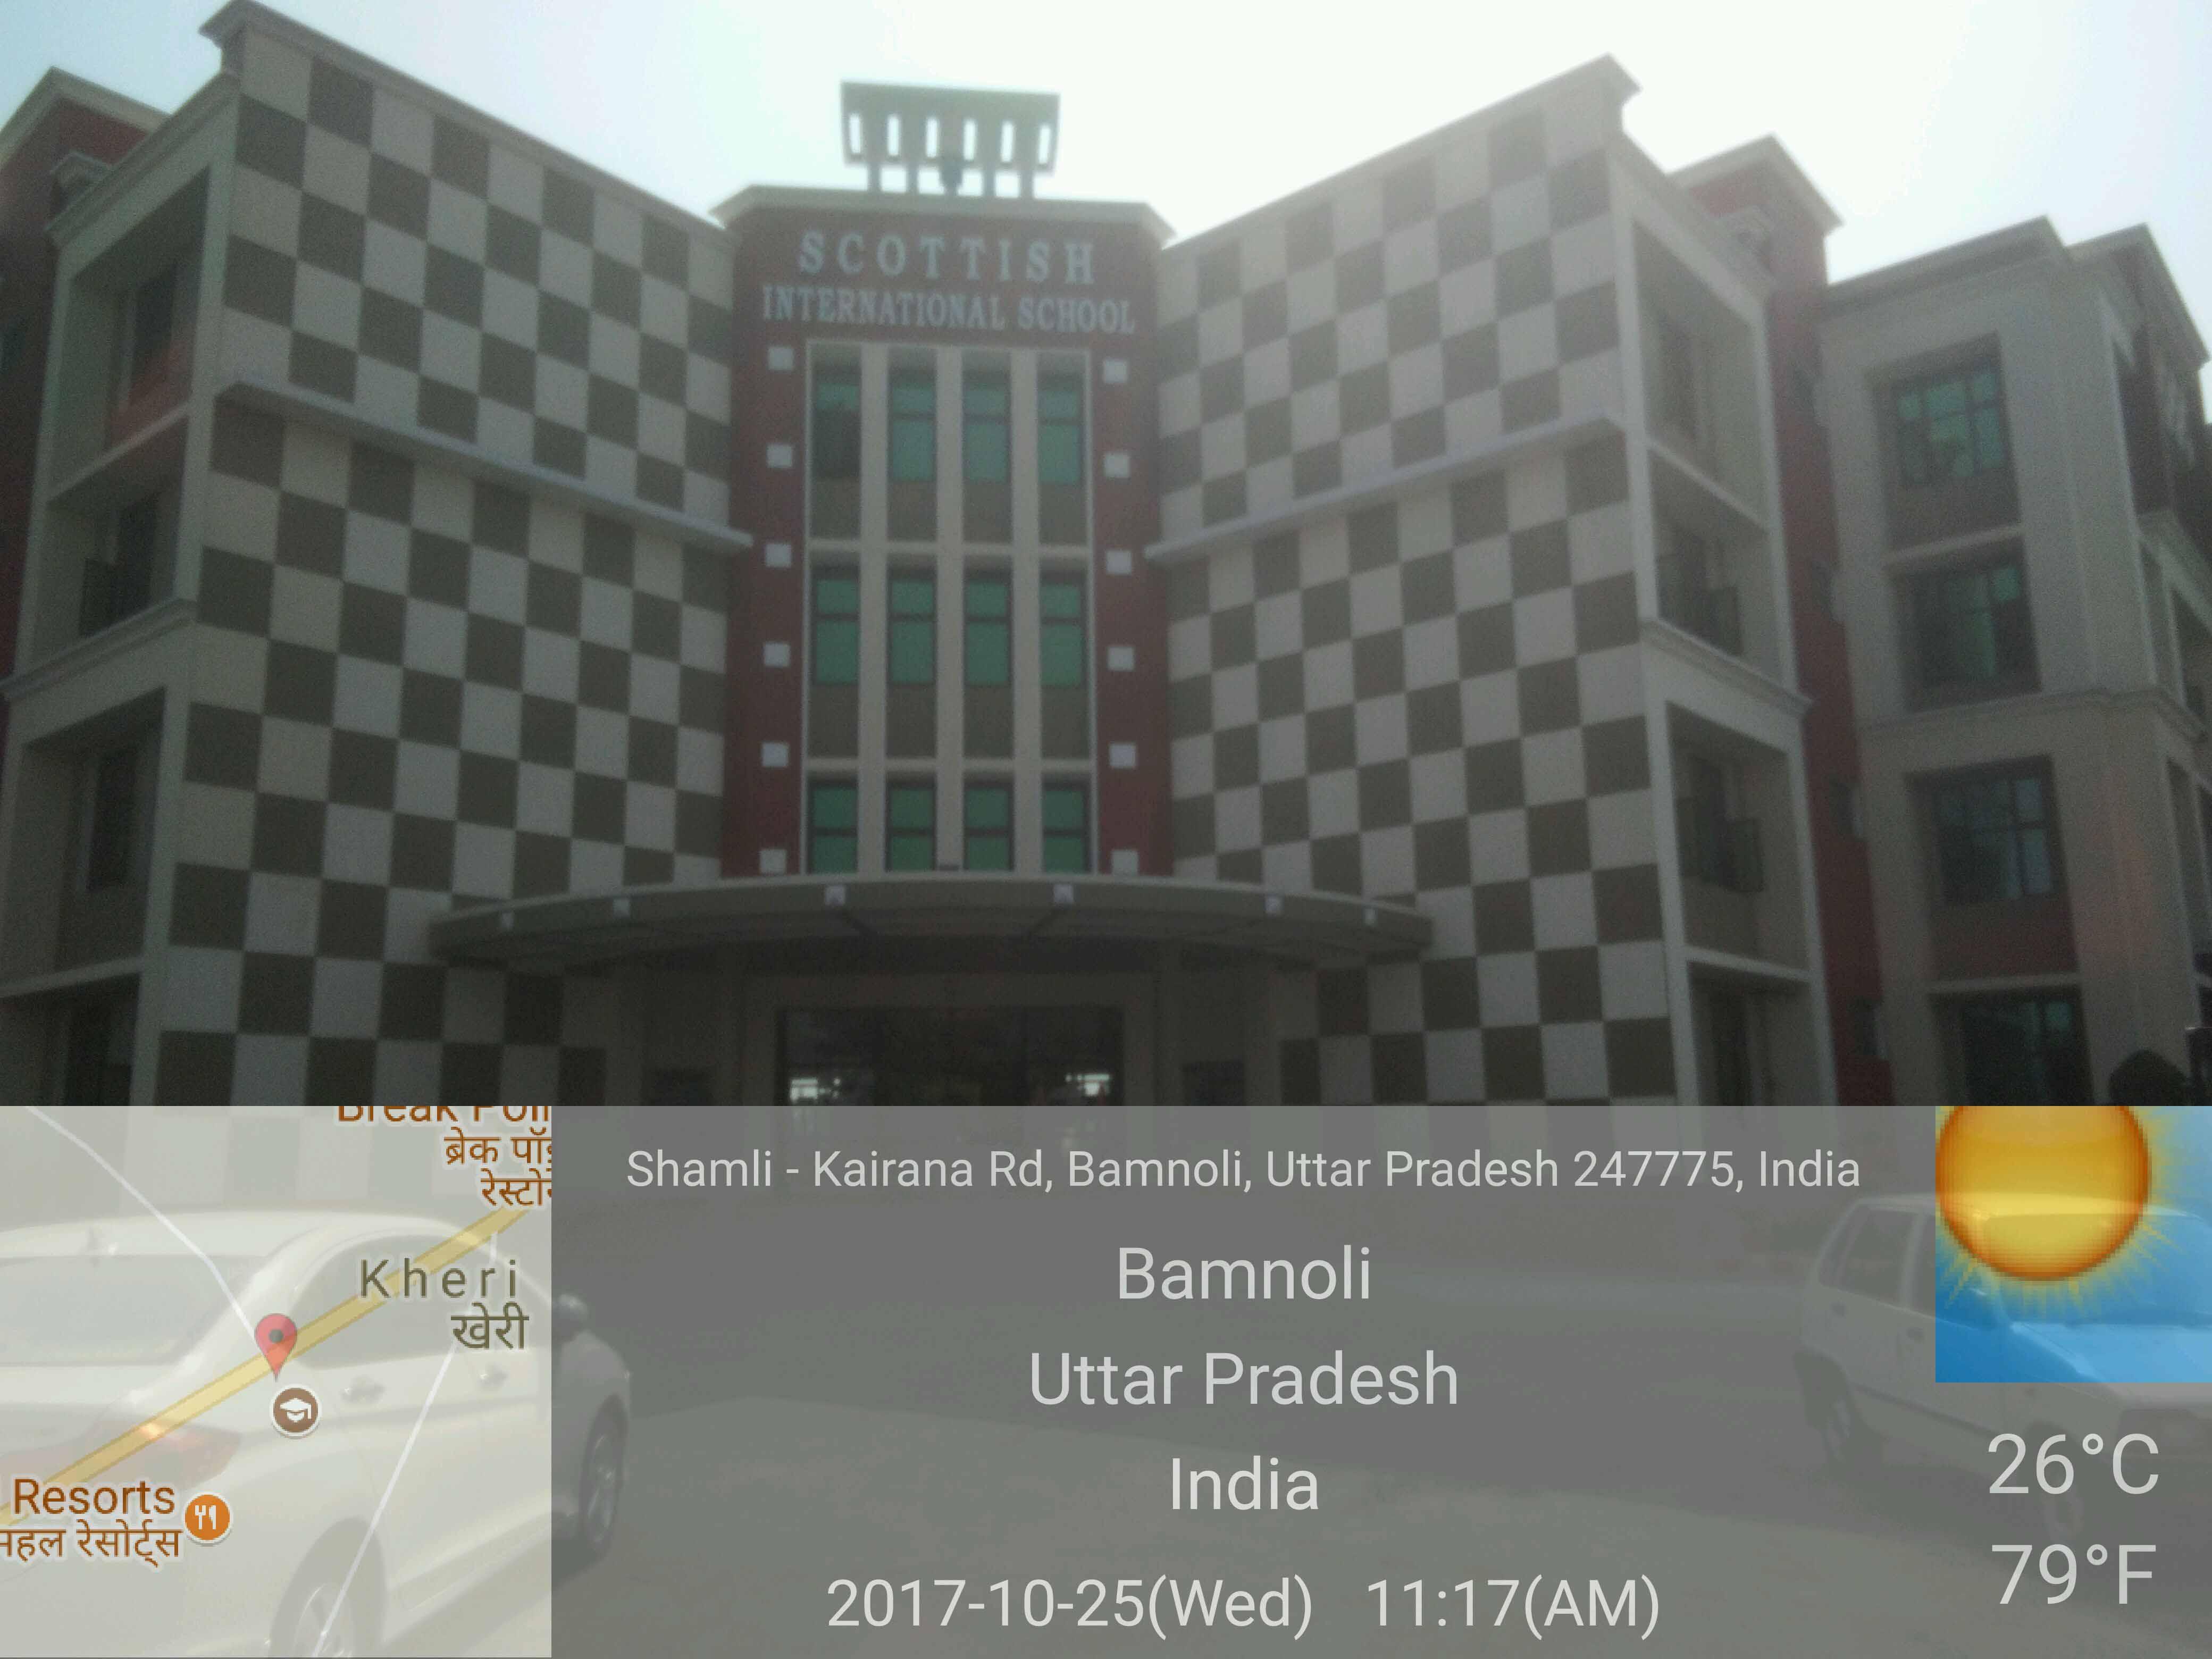 Scottish International School Panipat kairana Road Kheri karmu Shamli 2131550